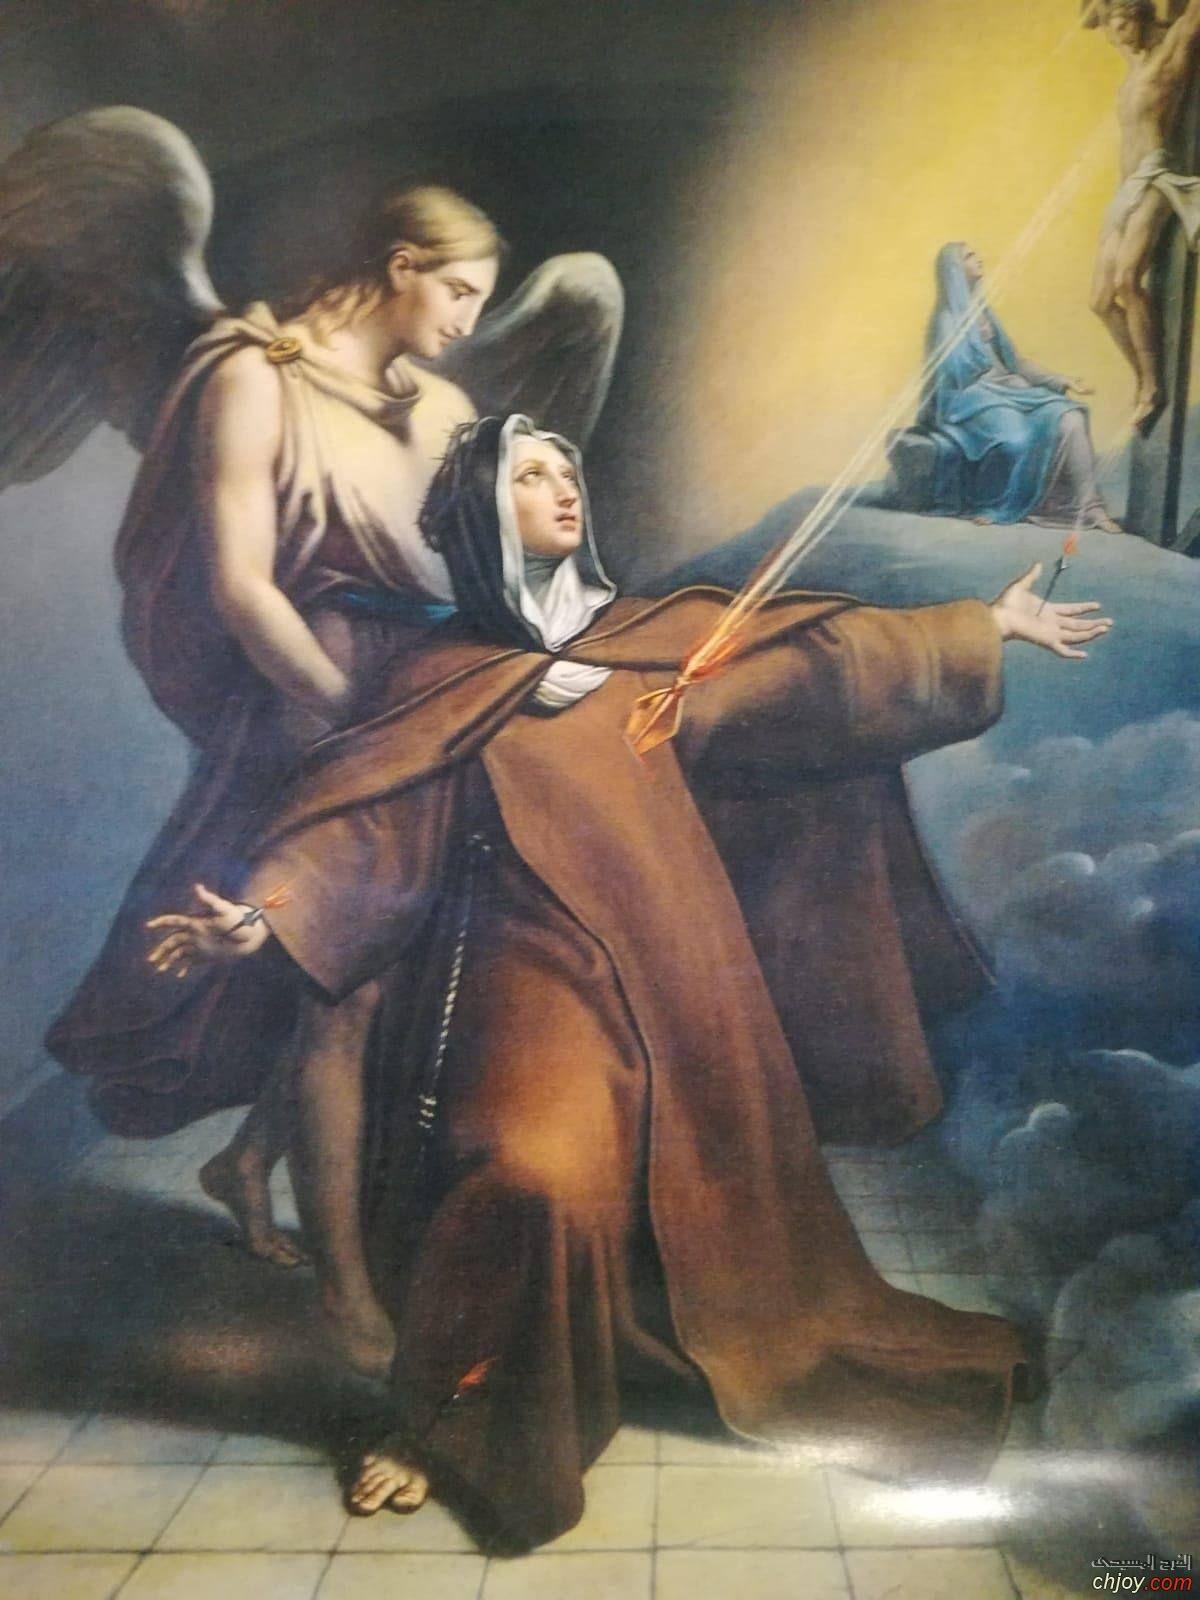 القديسة فيرونيكا جولياني وحصولها على سمات صلب المسيح لاول مرة